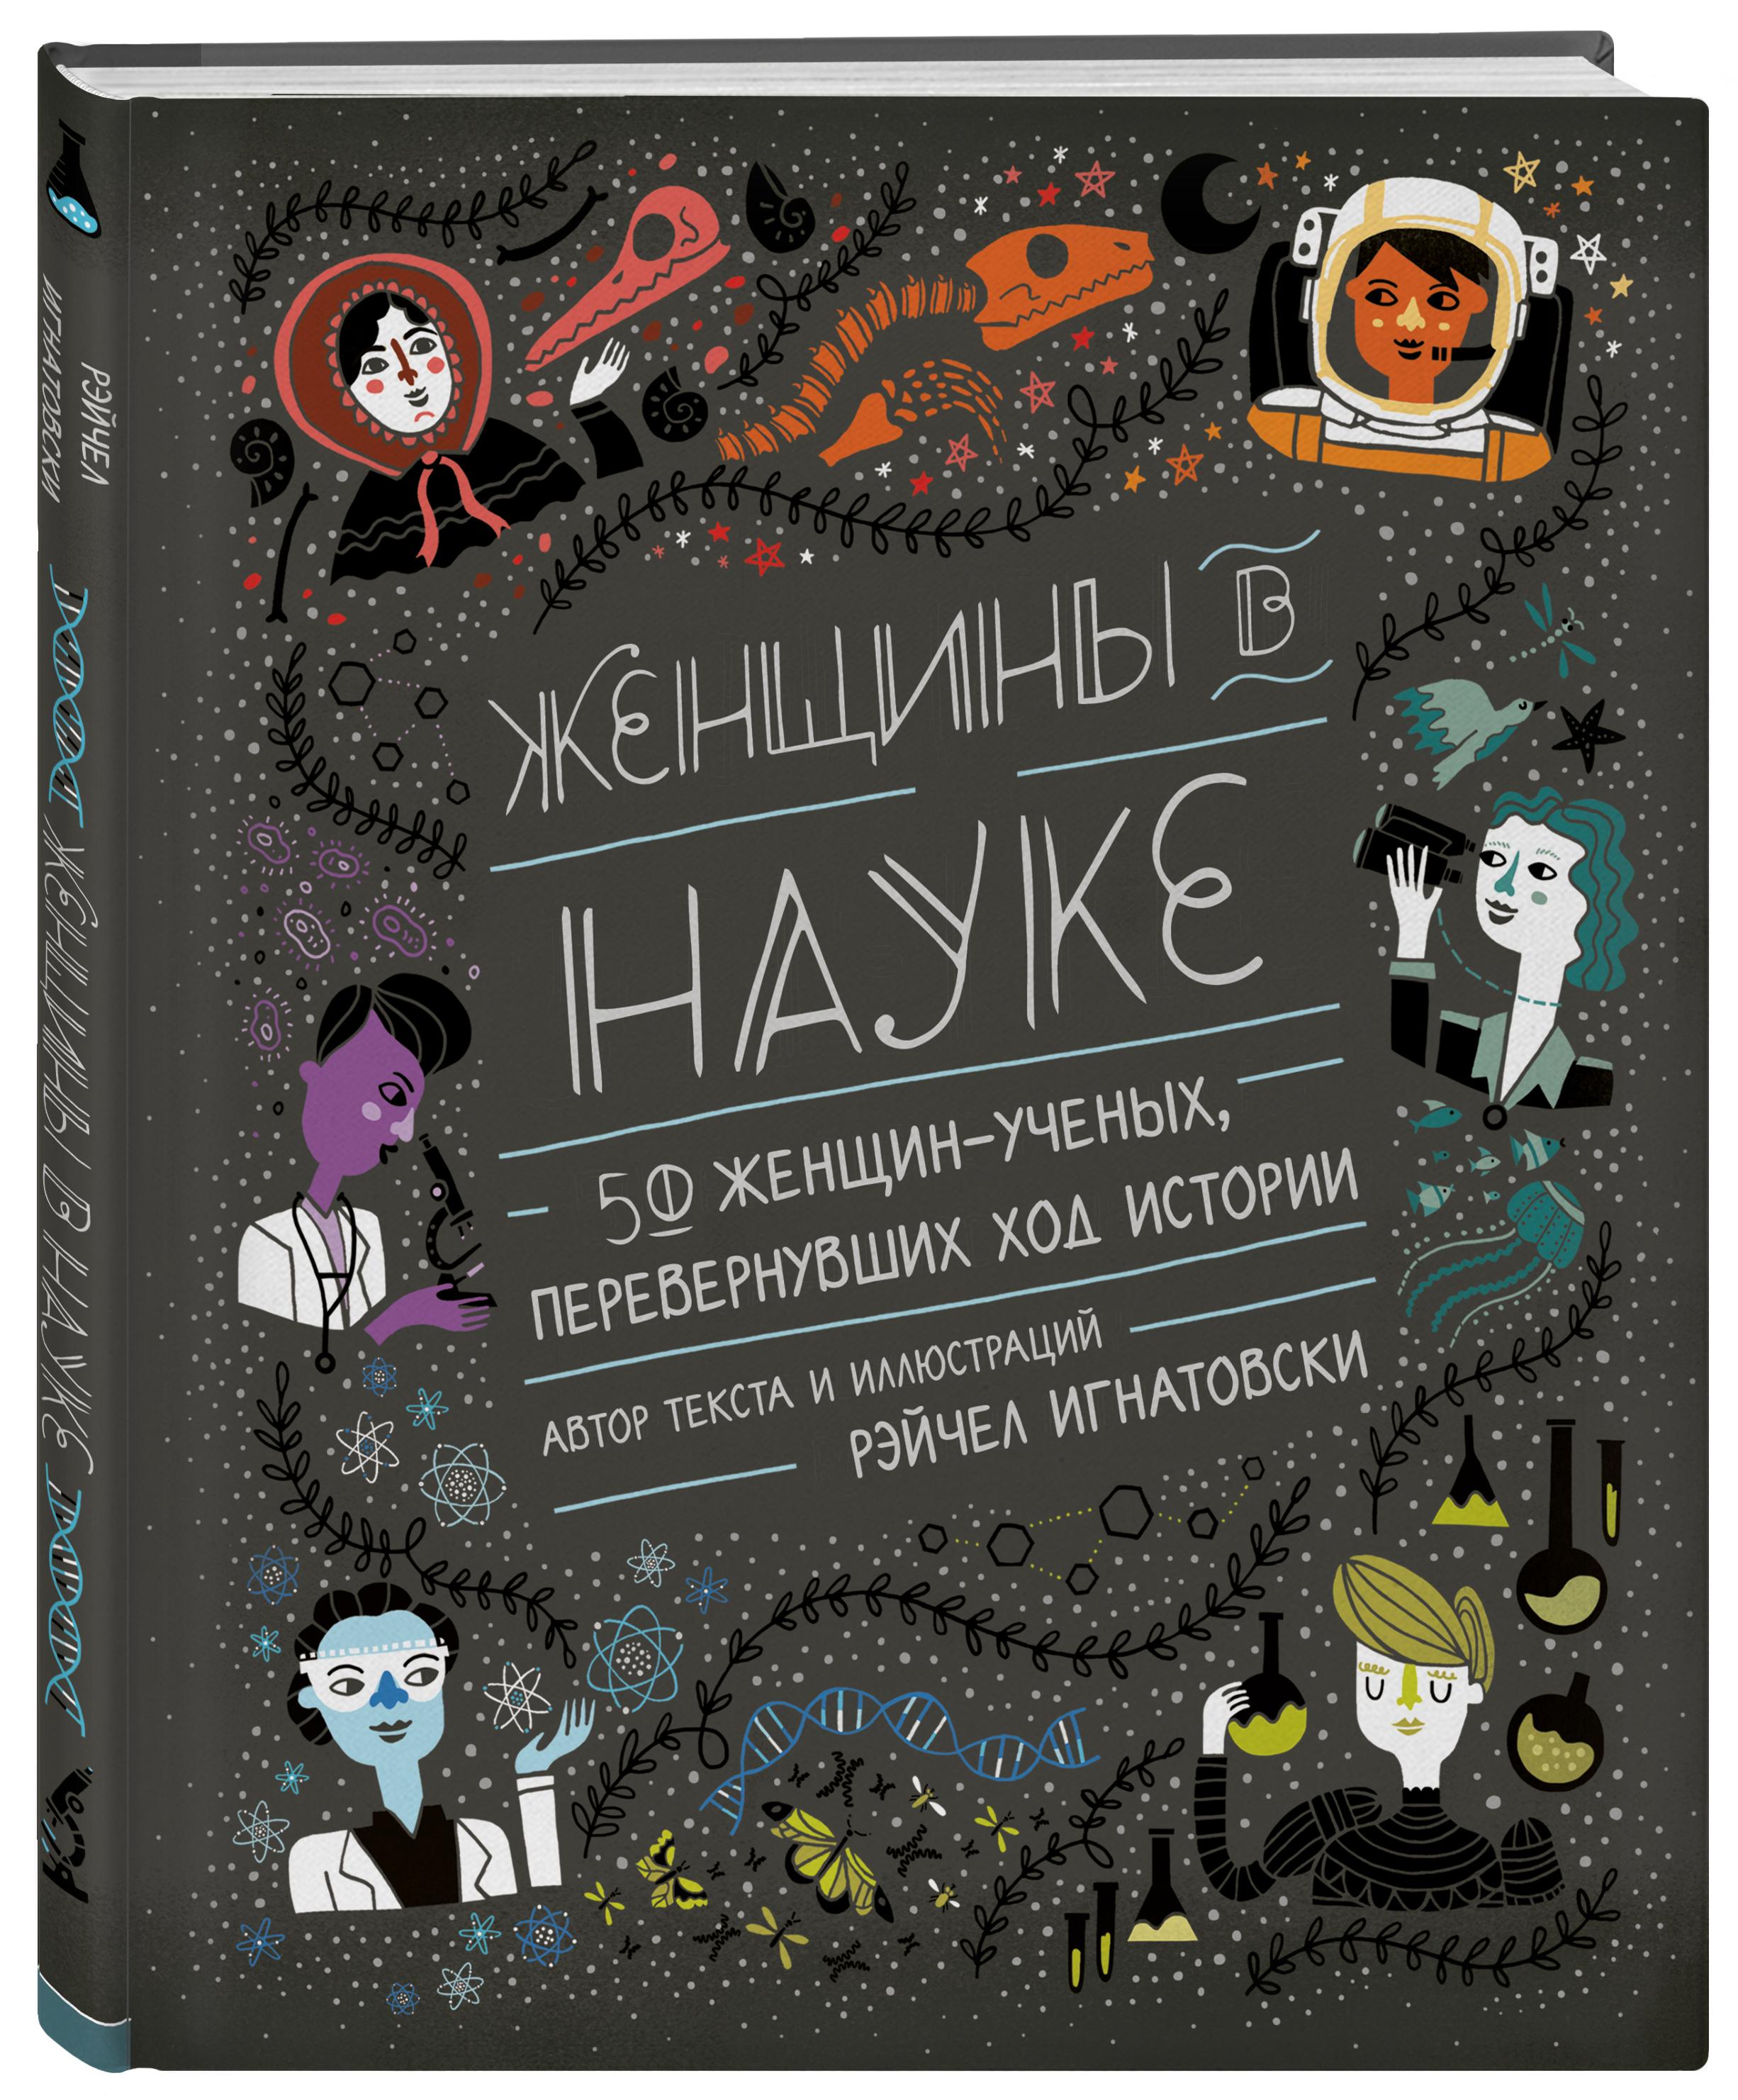 Женщины в науке: 50 женщин, изменивших мир (подарочное издание) ( Игнатовски Рэйчел  )